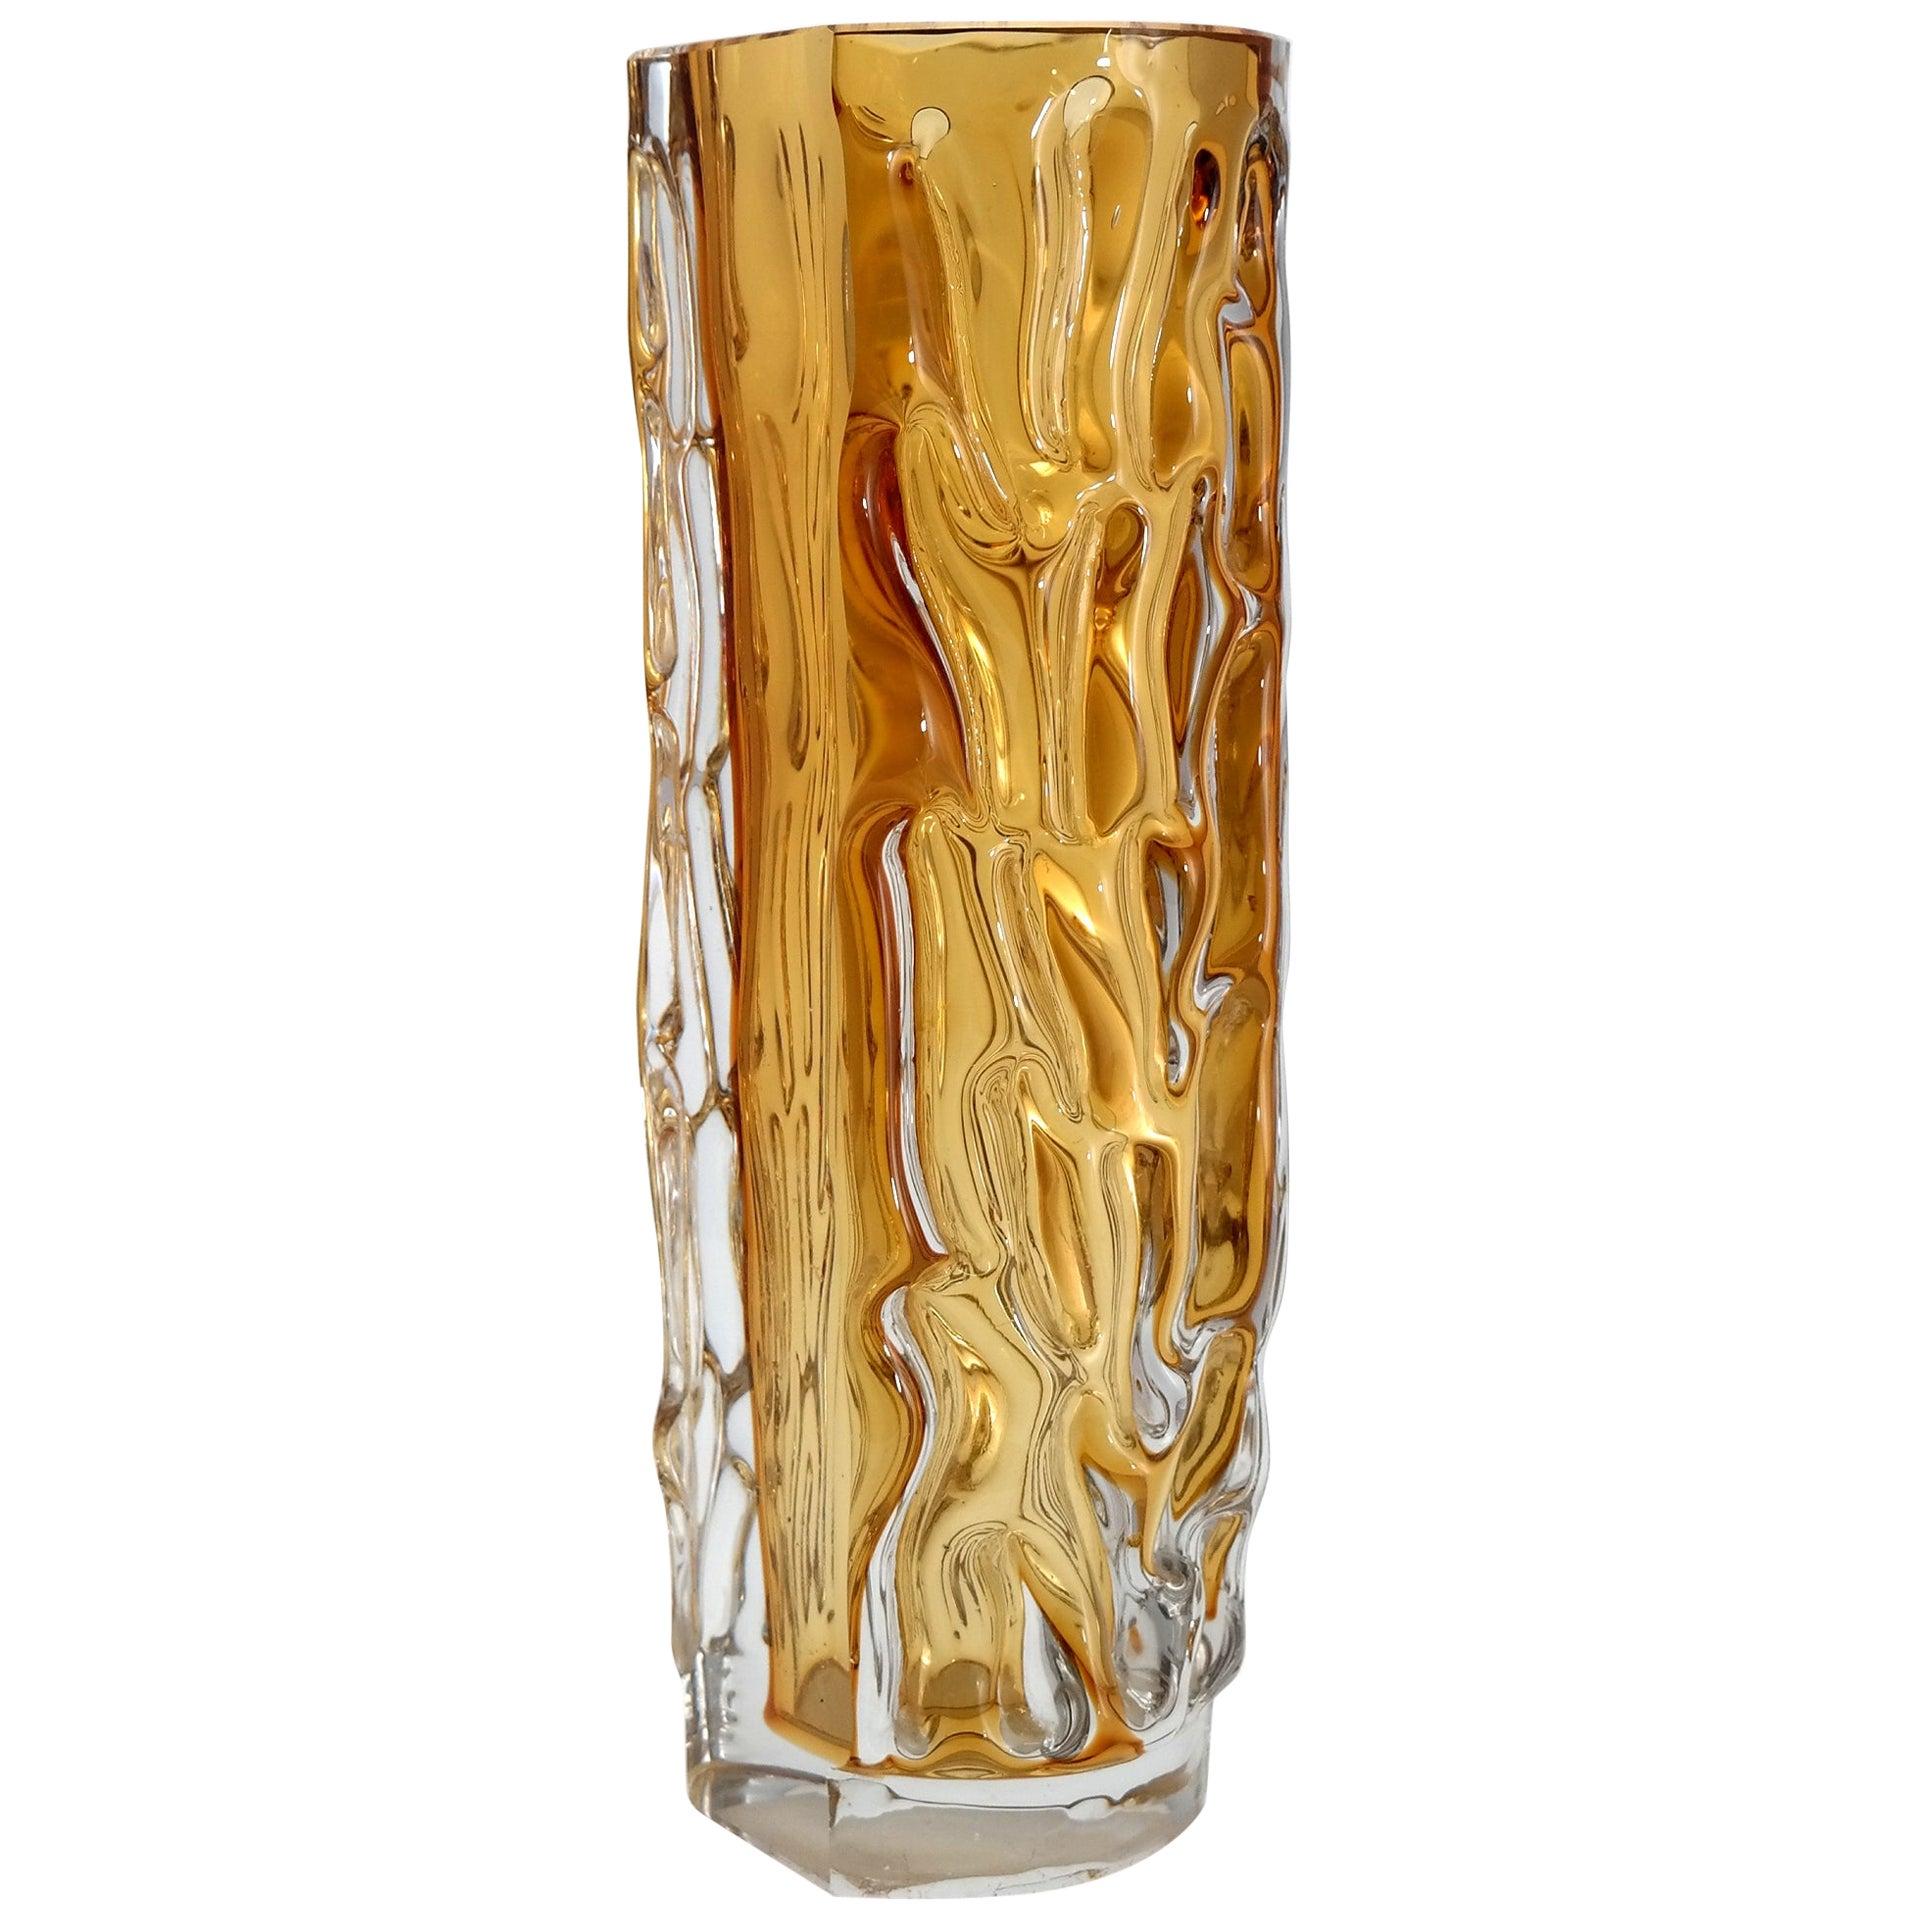 Heavy, Handmade Murano Style Glass Vase, 1970s